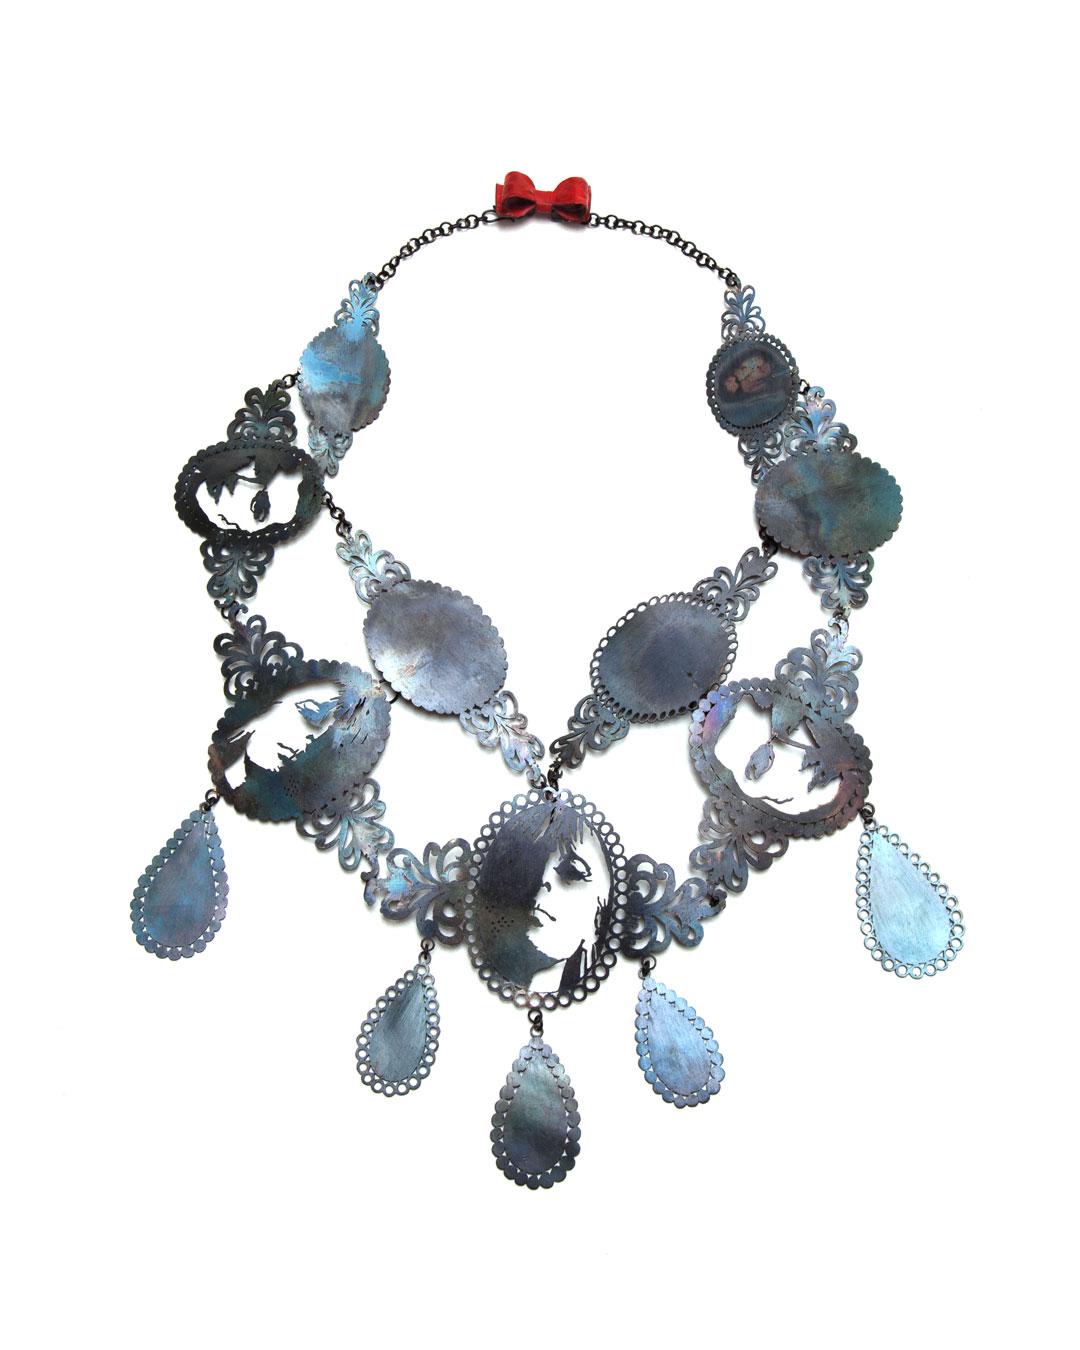 Vera Siemund, untitled, 2012, necklace; steel, enamel, copper, 320 x 240 x 10 mm, €3200